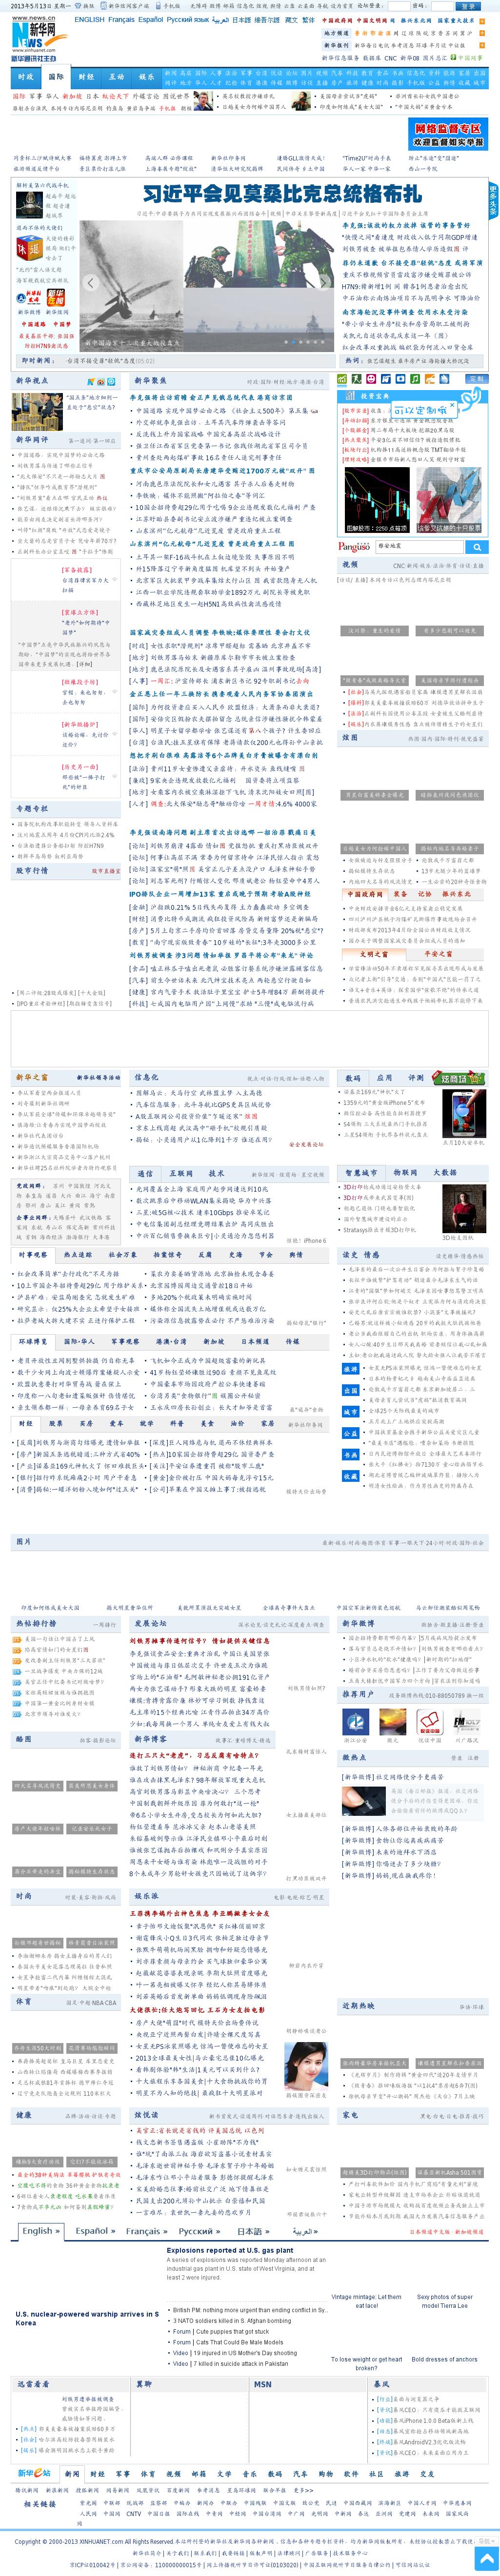 Xinhua at Monday May 13, 2013, 9:25 p.m. UTC